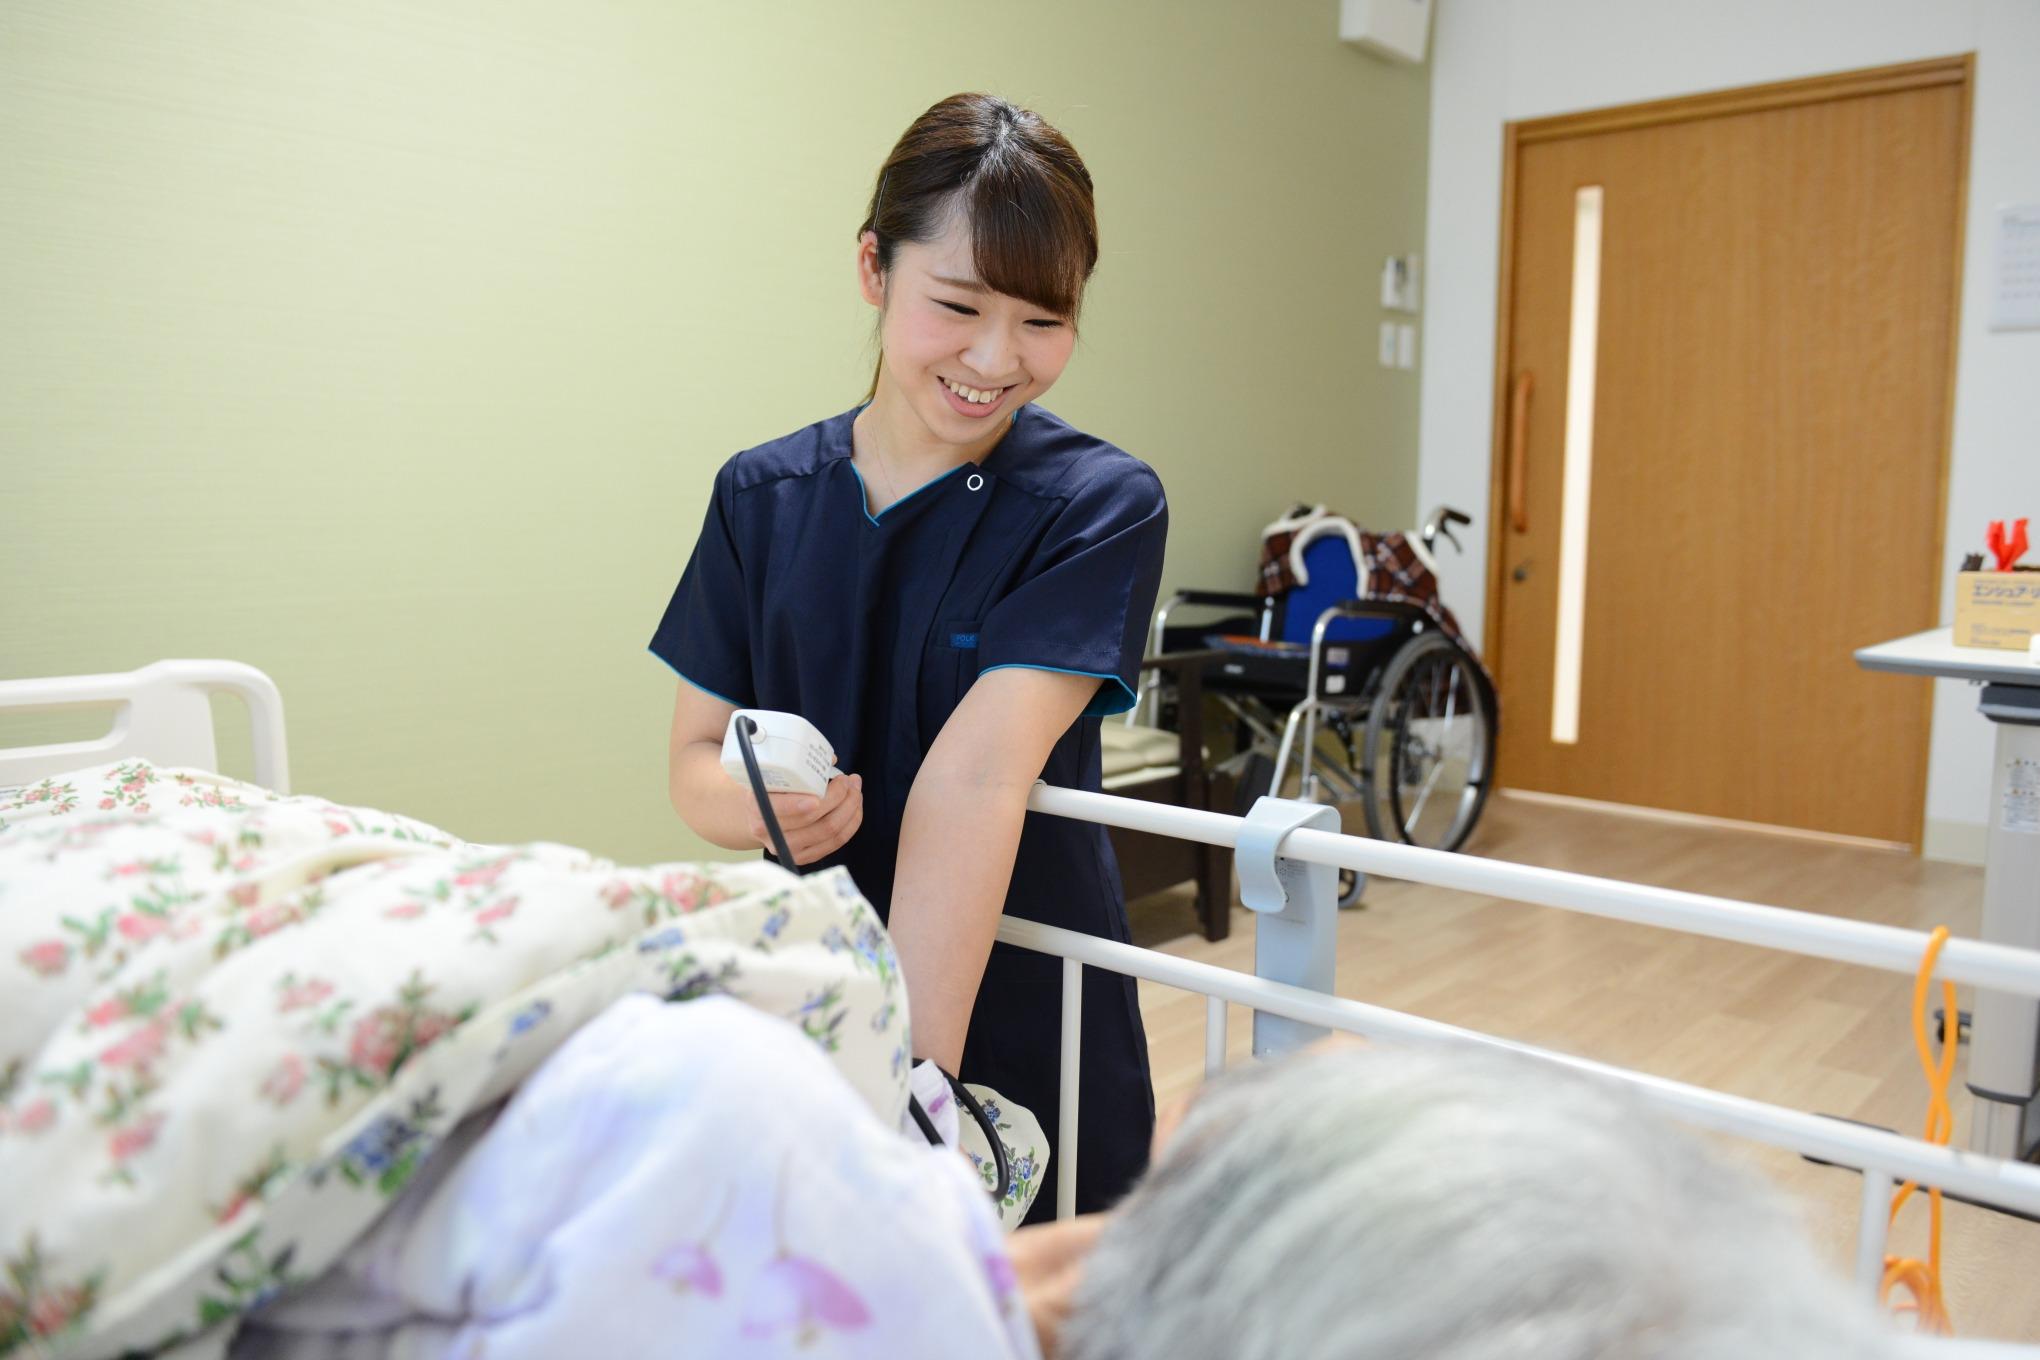 看護師の業務【夜勤編】